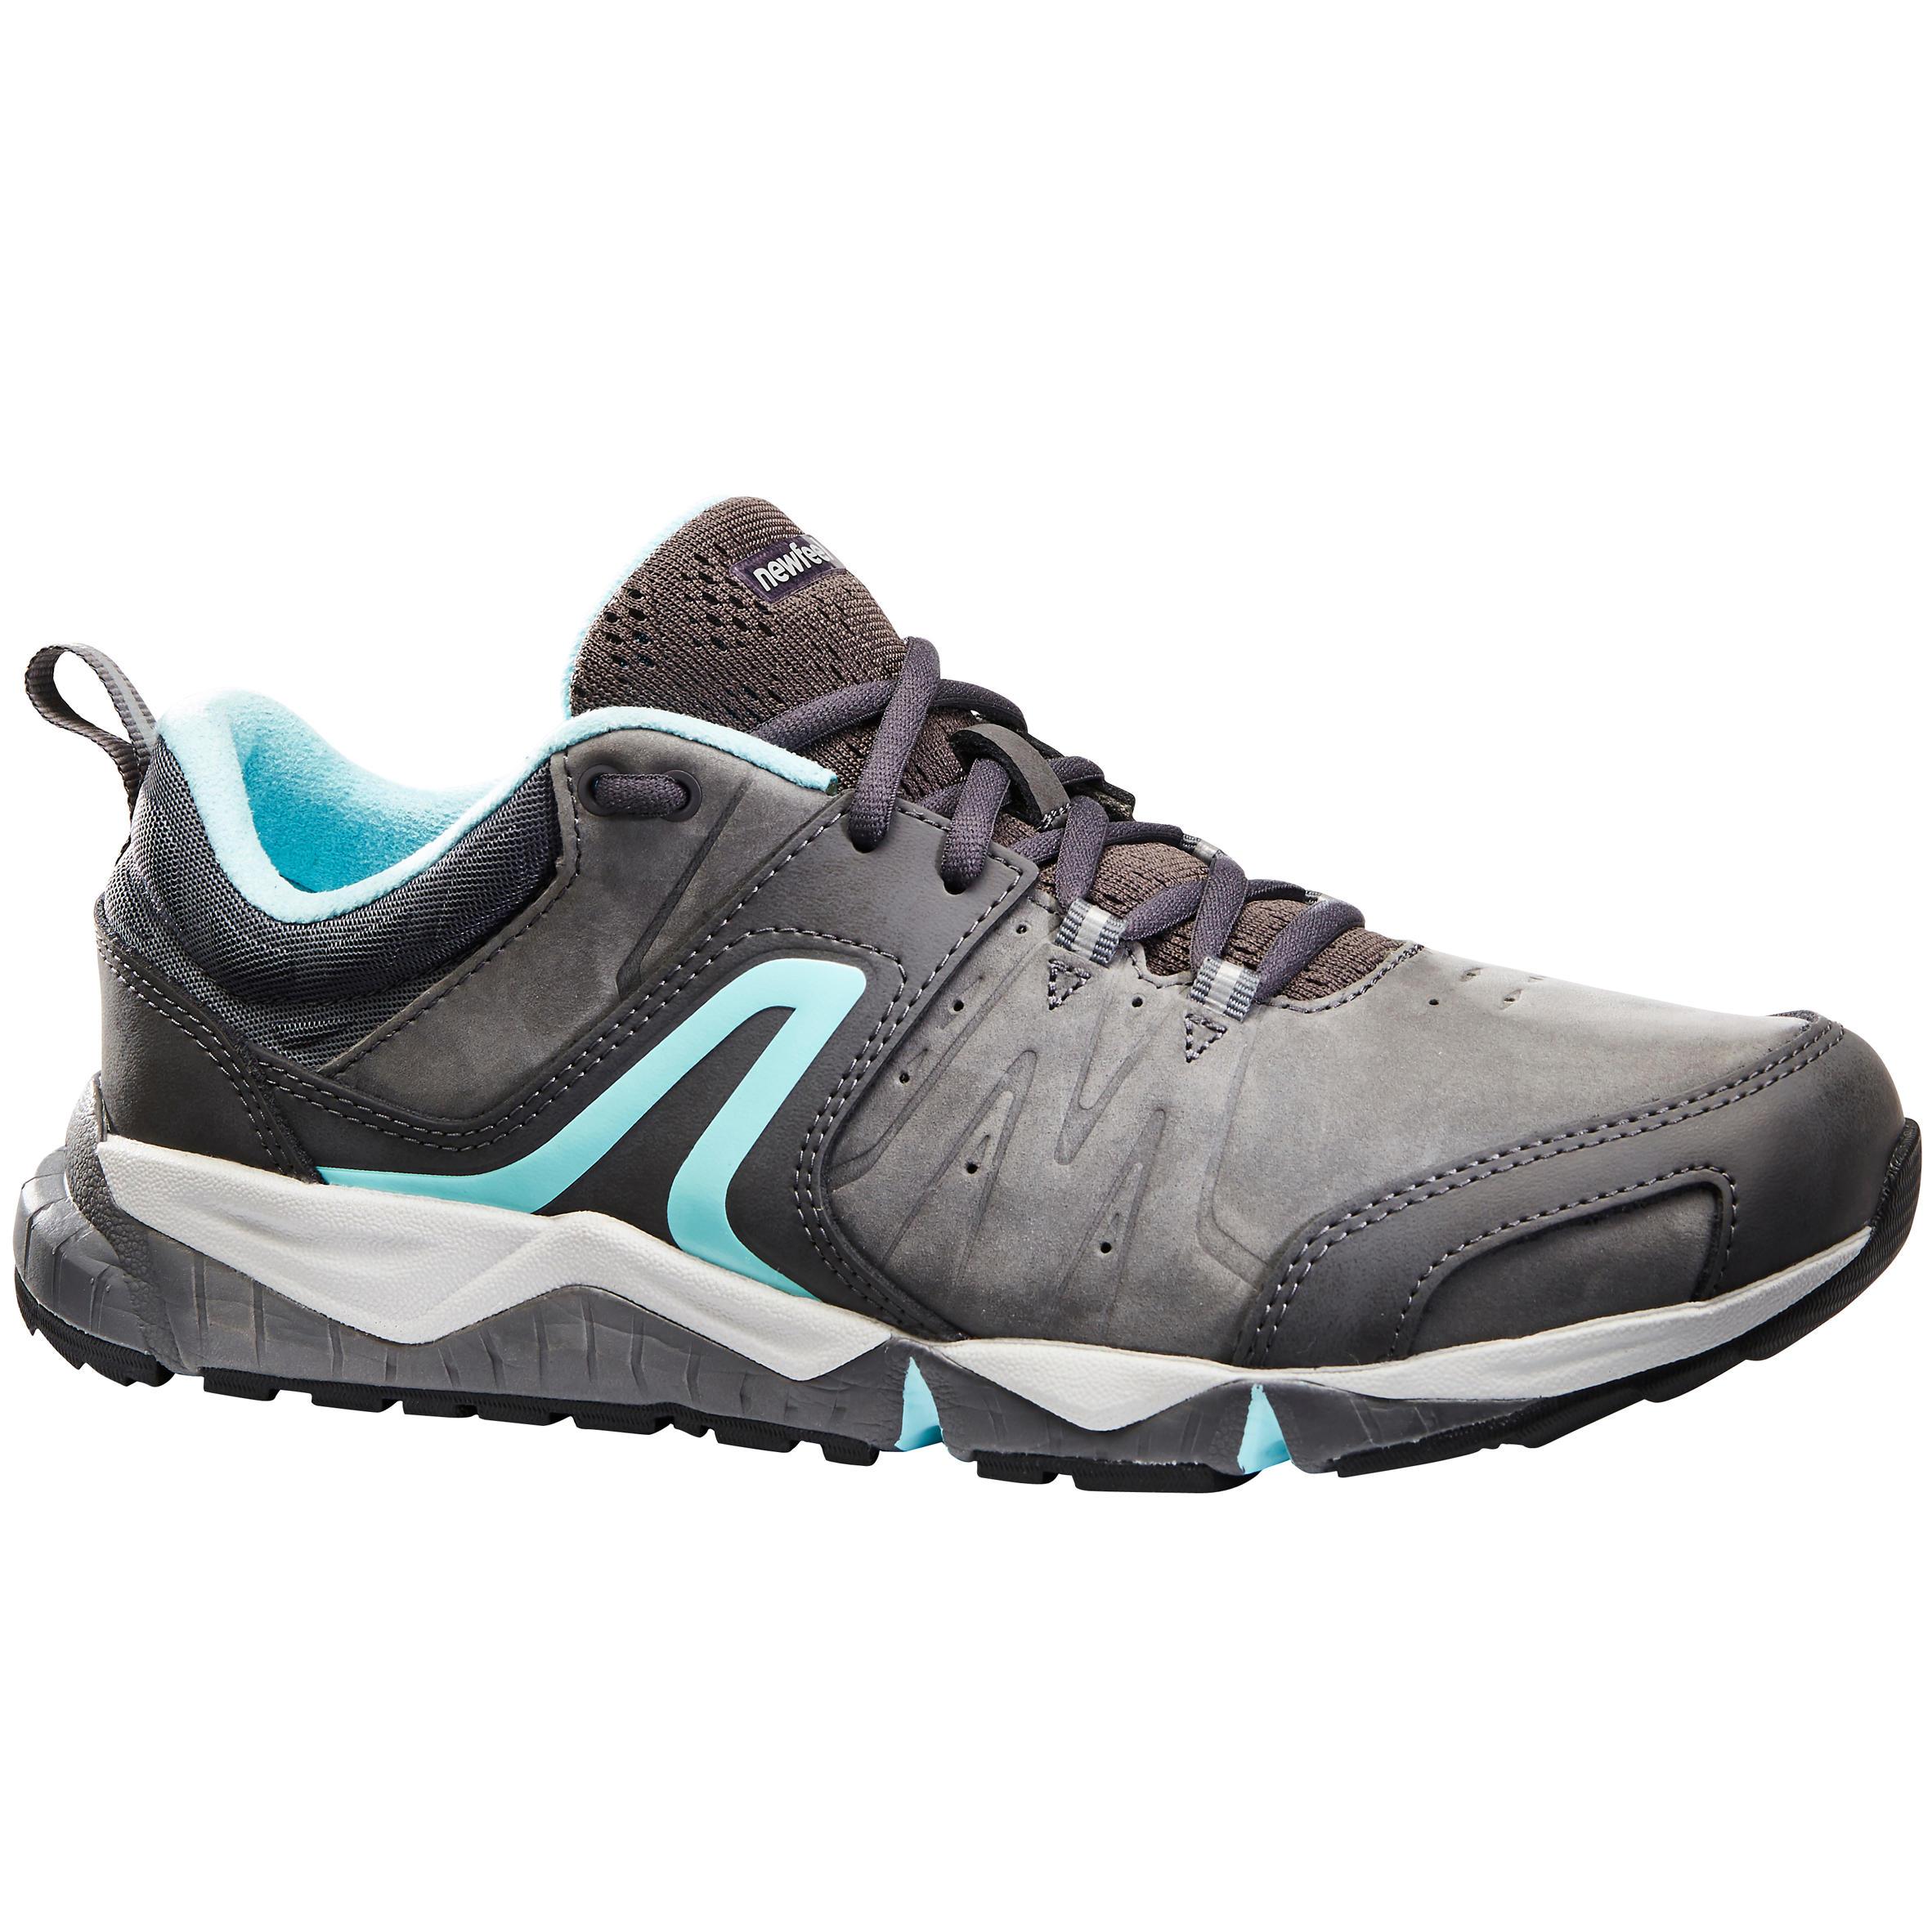 Walkingschuhe PW 940 Propulse Motion Leder Damen grau | Schuhe > Sportschuhe > Walkingschuhe | Newfeel